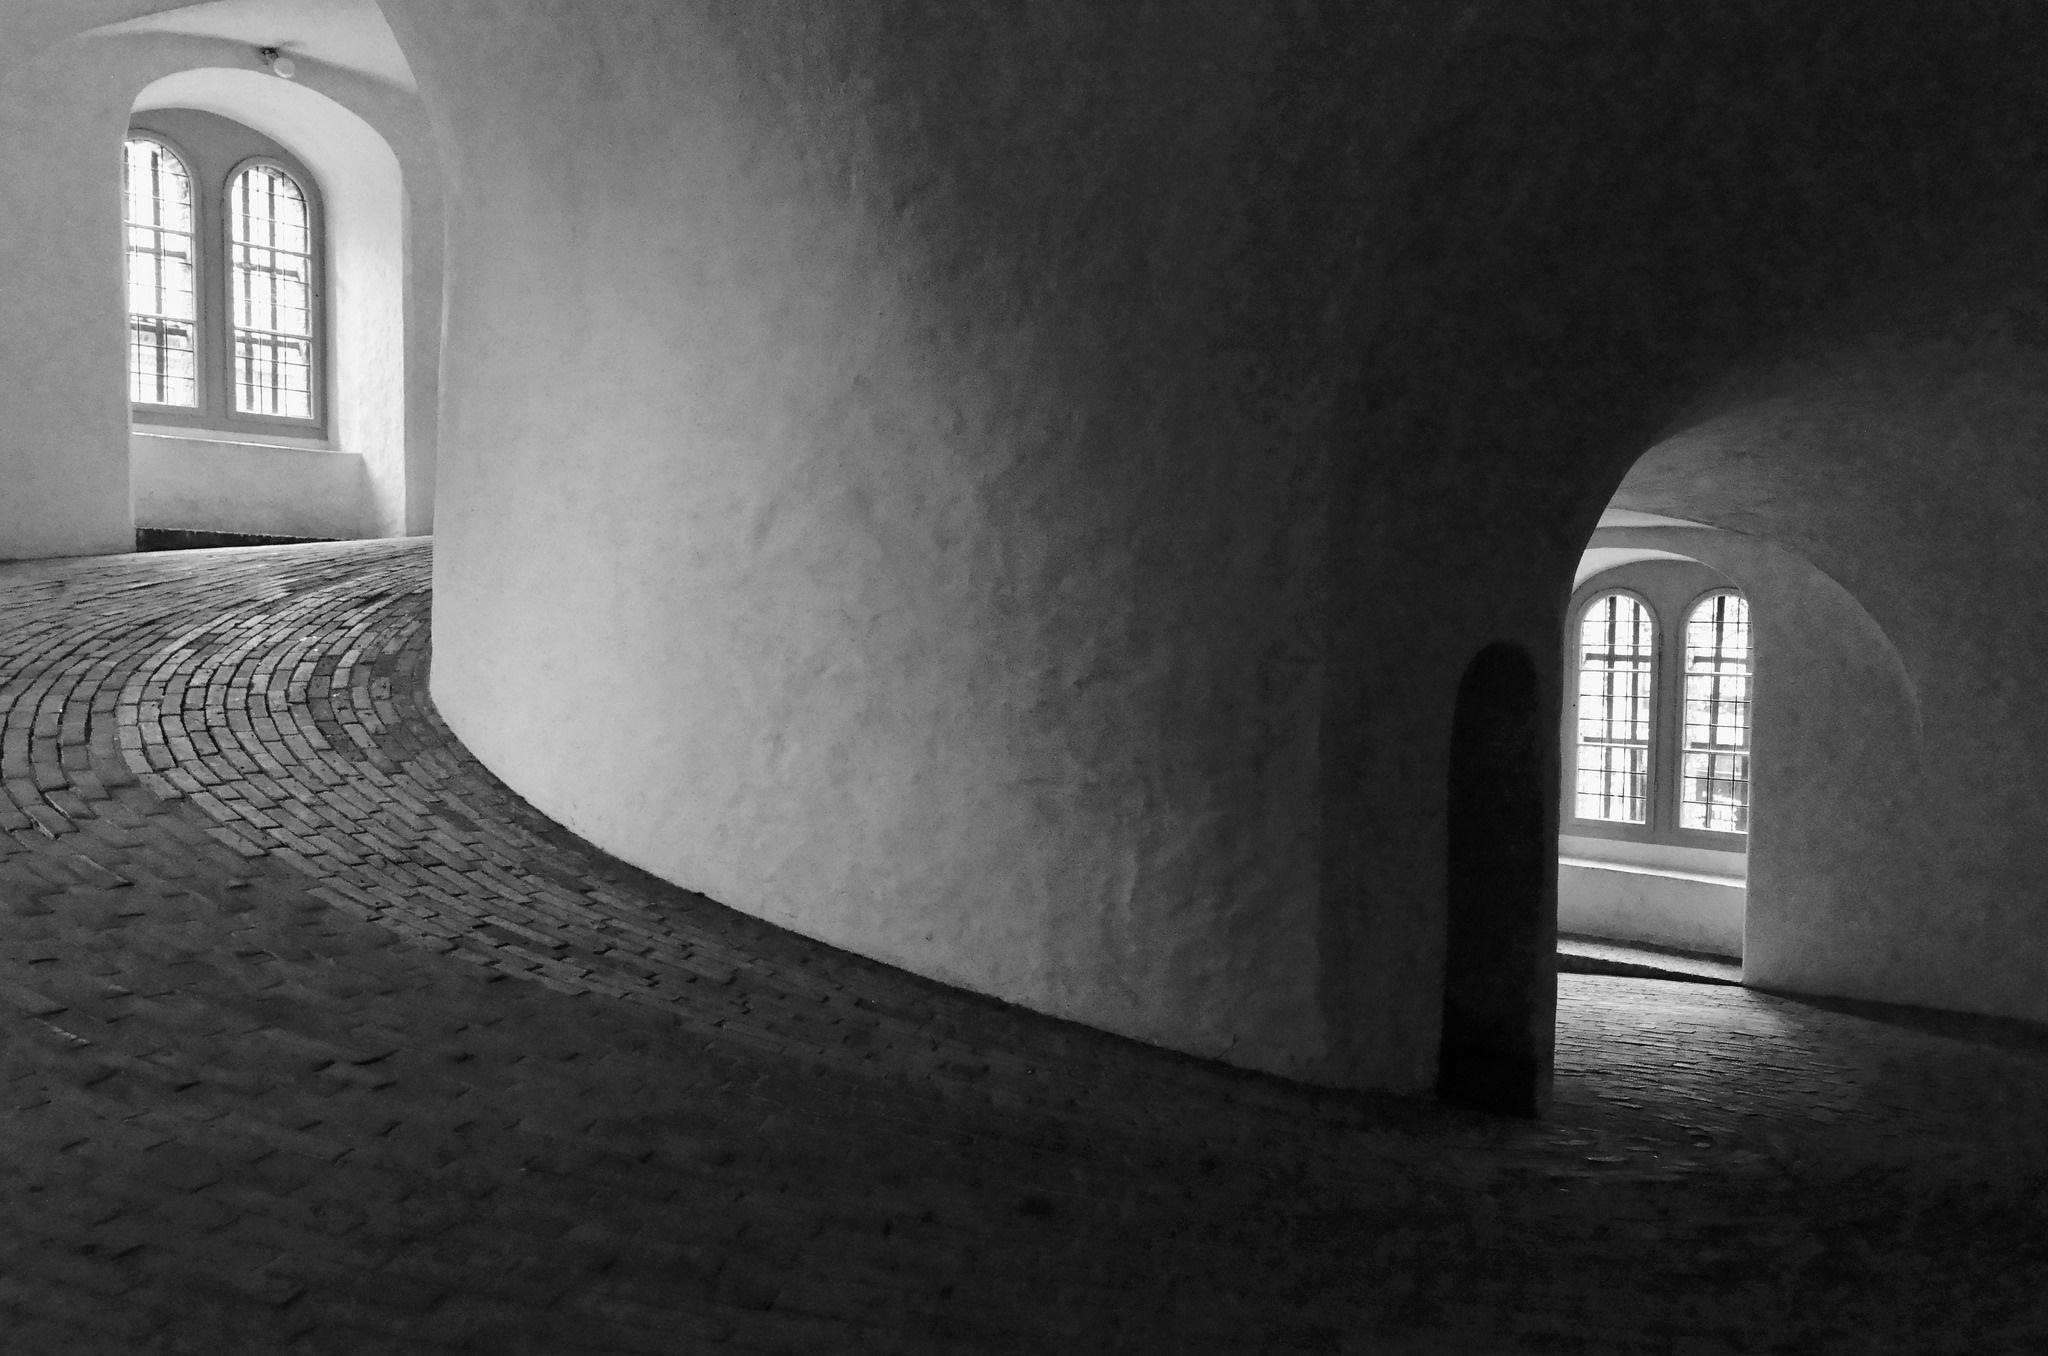 https://flic.kr/p/noGxdW | copenhagen rundetårn